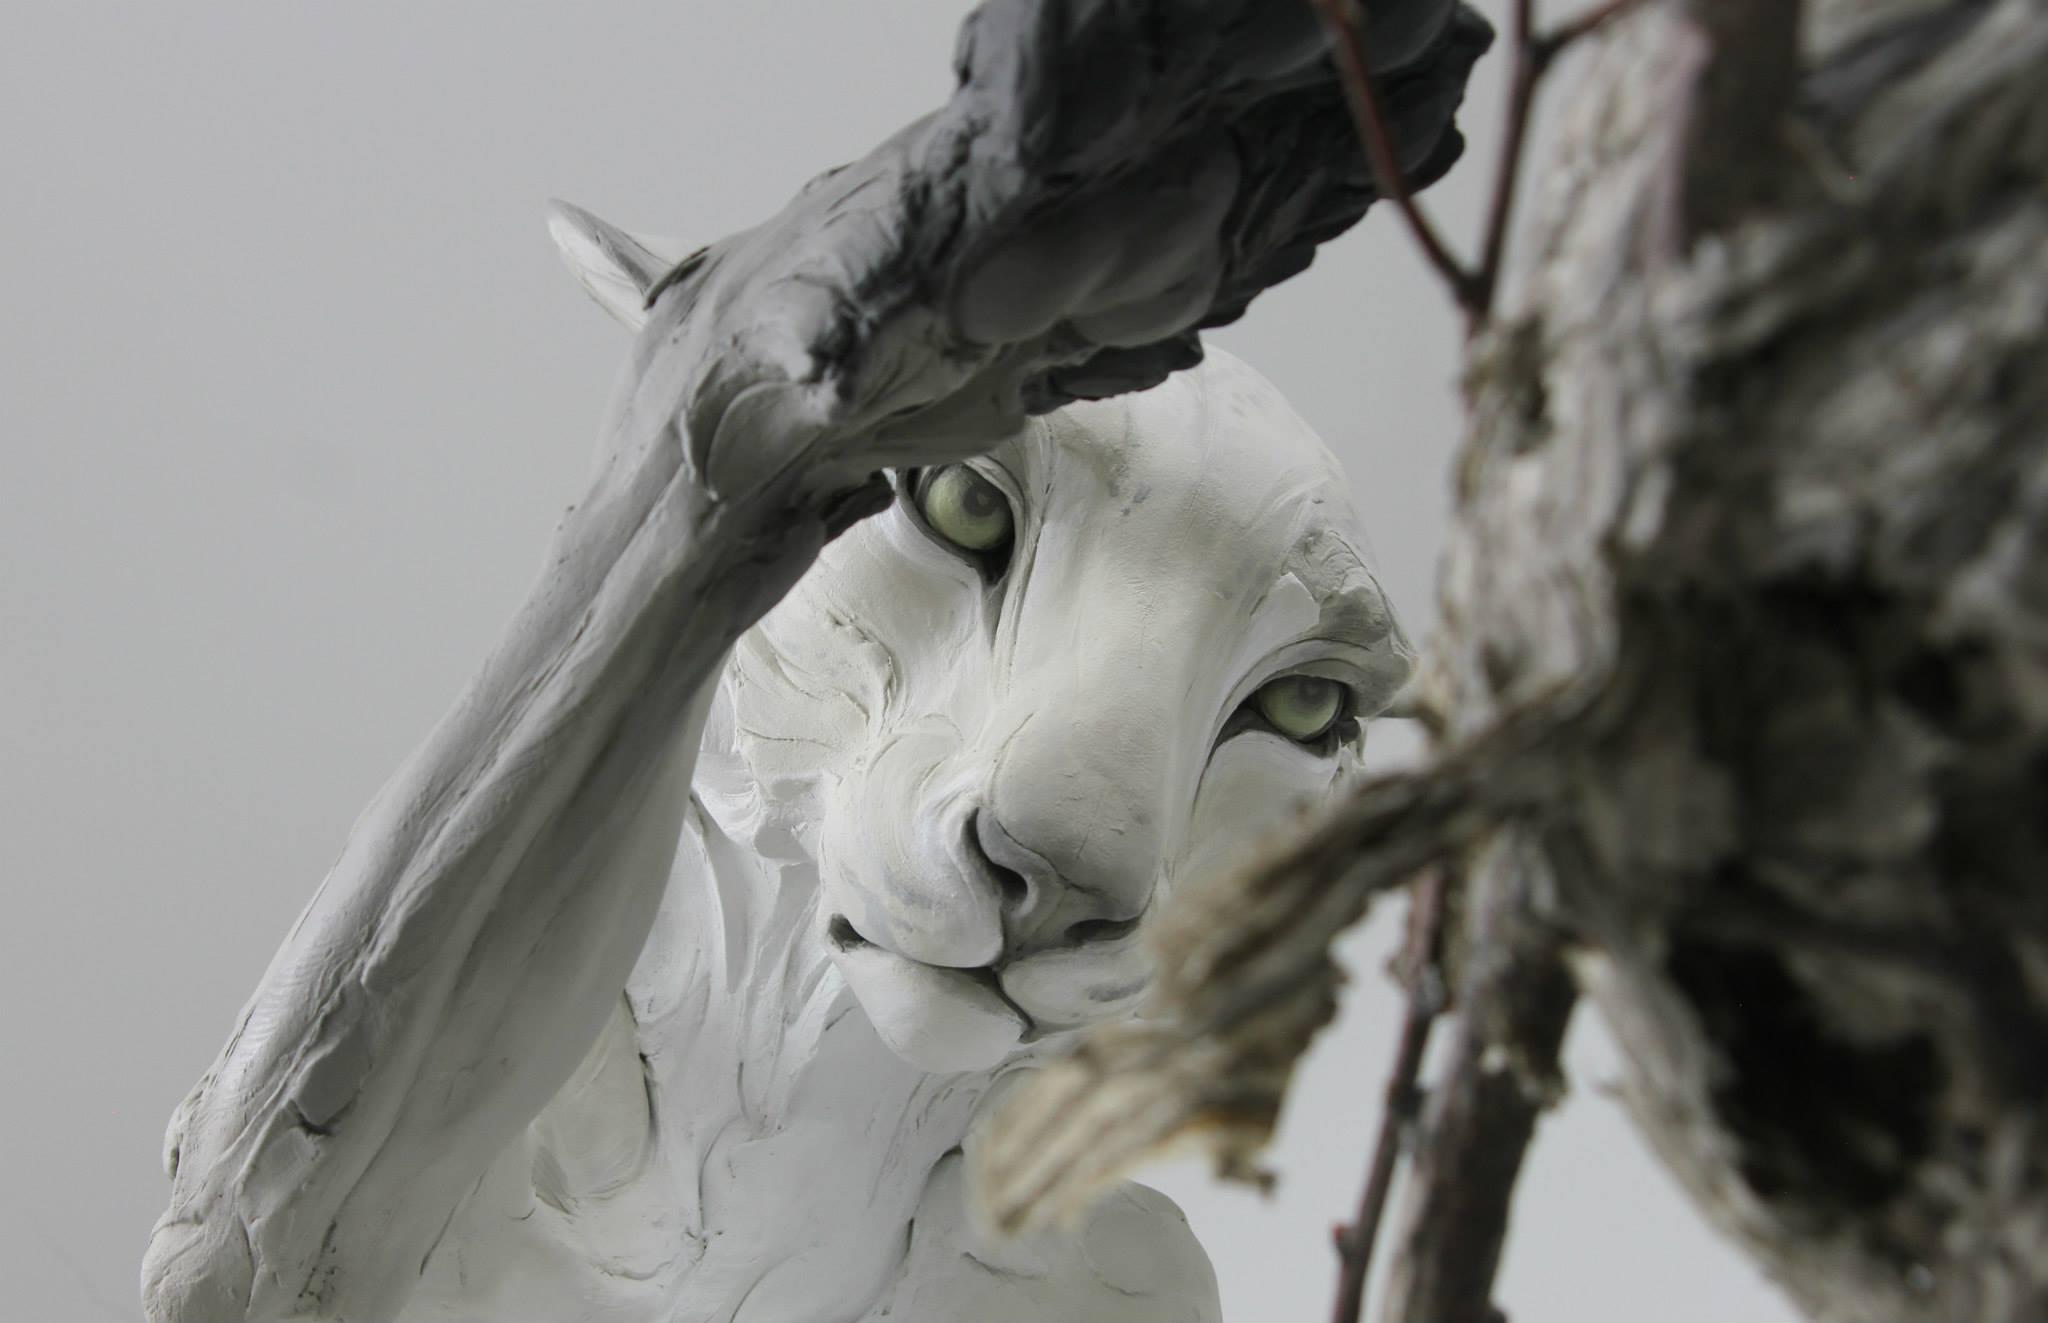 Beth Cavener – Forgiveness sculptures